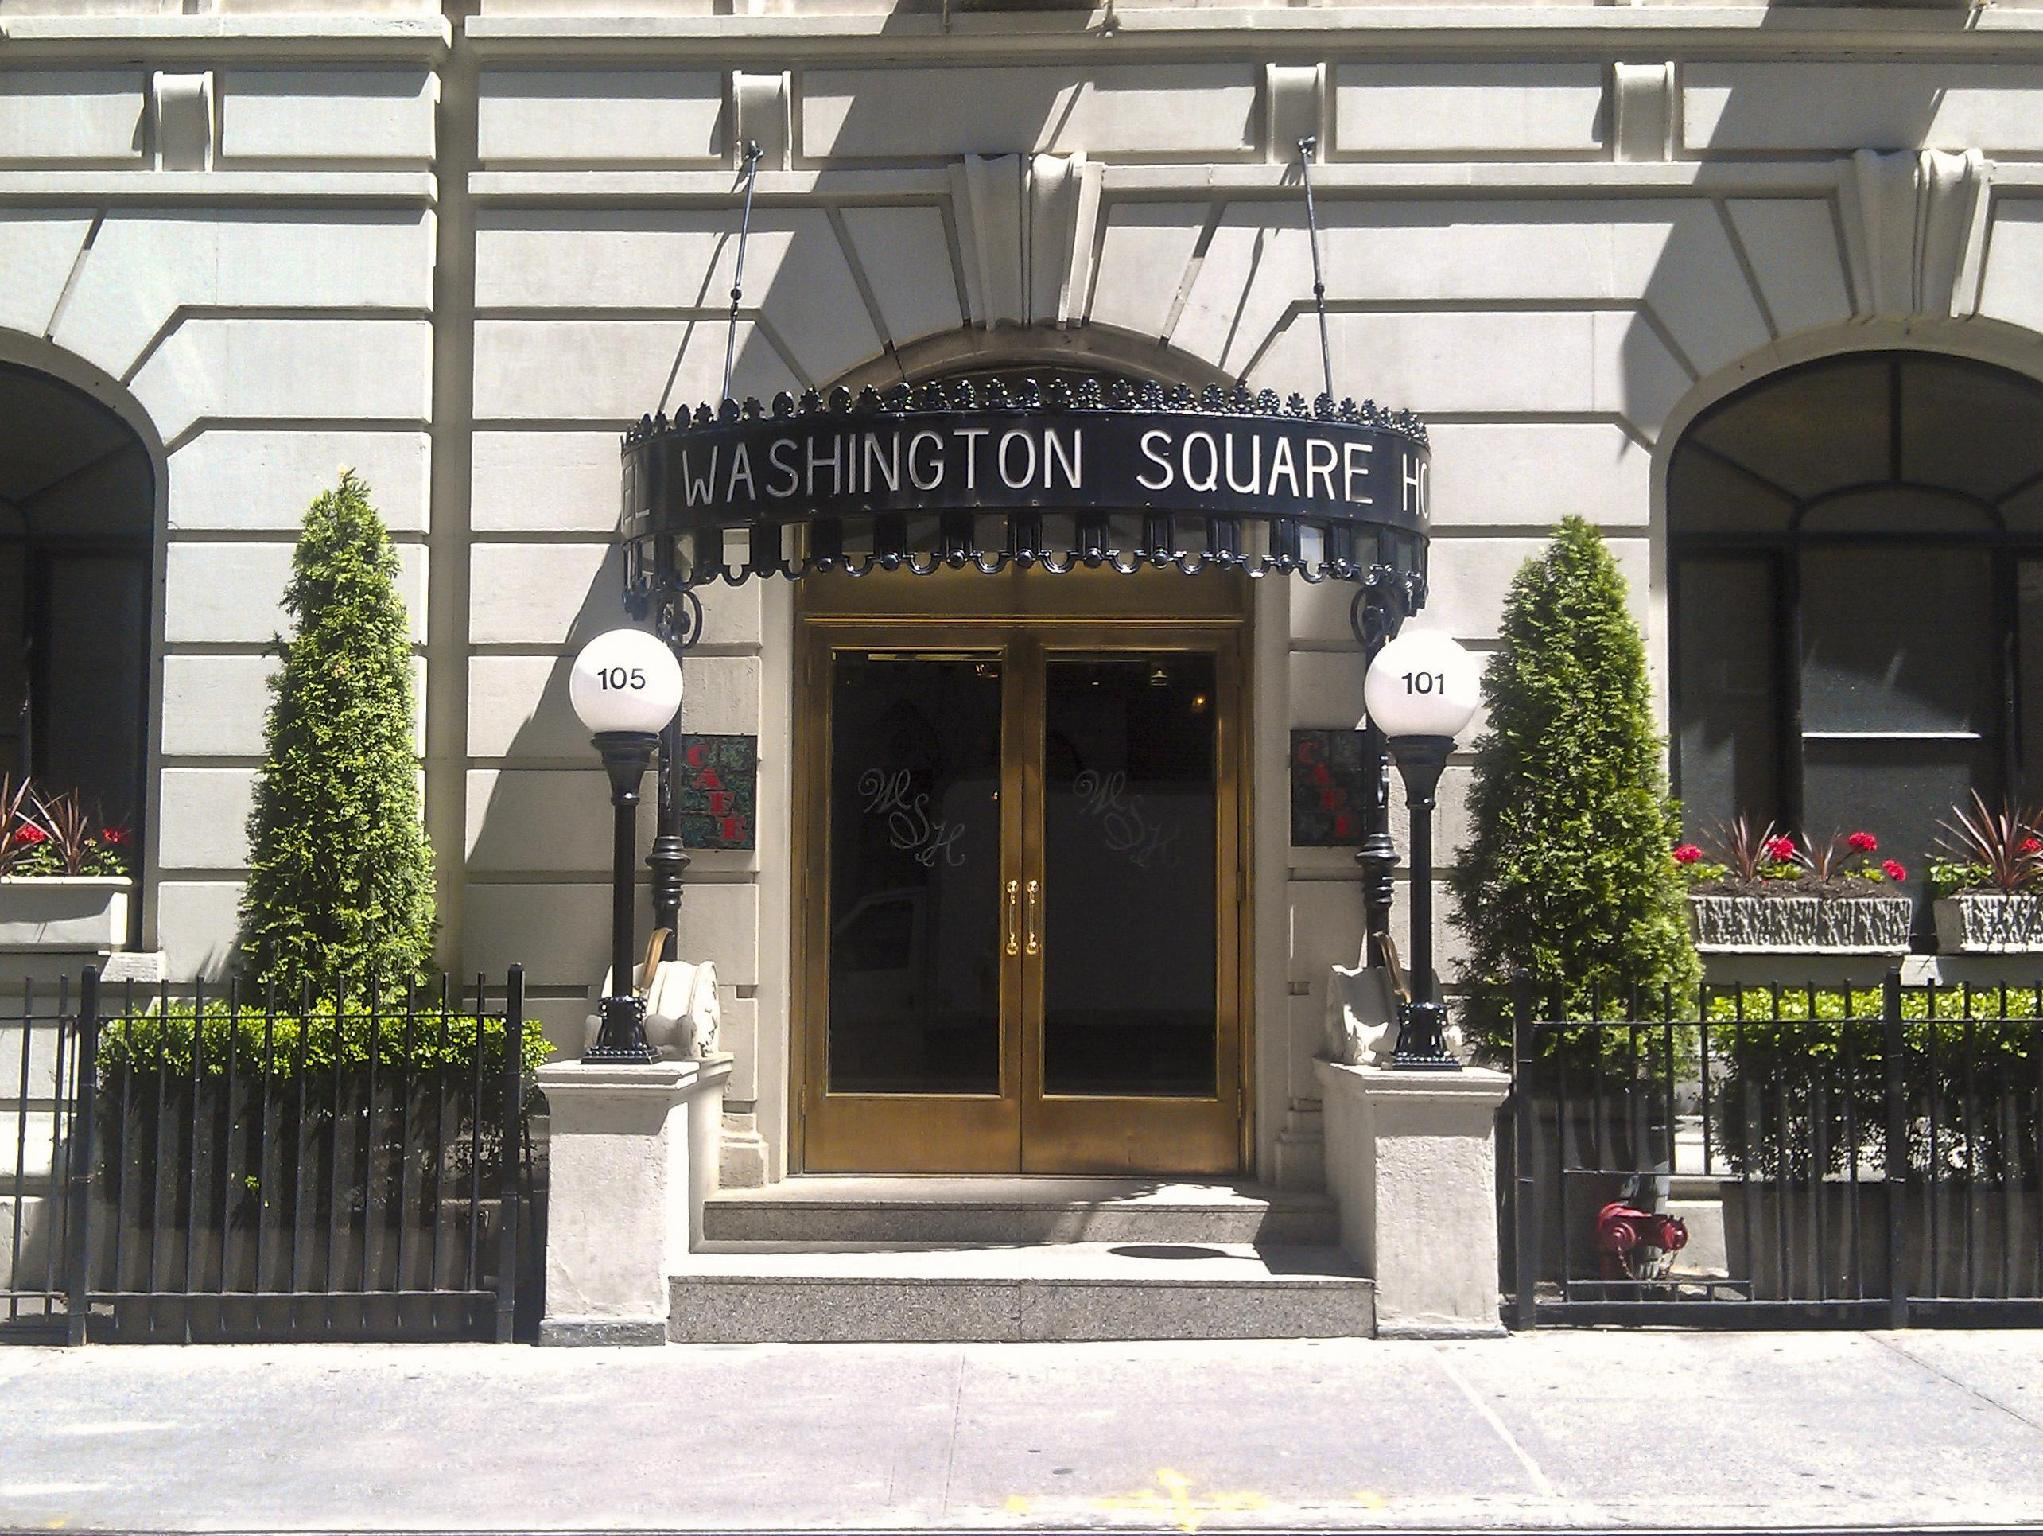 Washington Square Hotel image